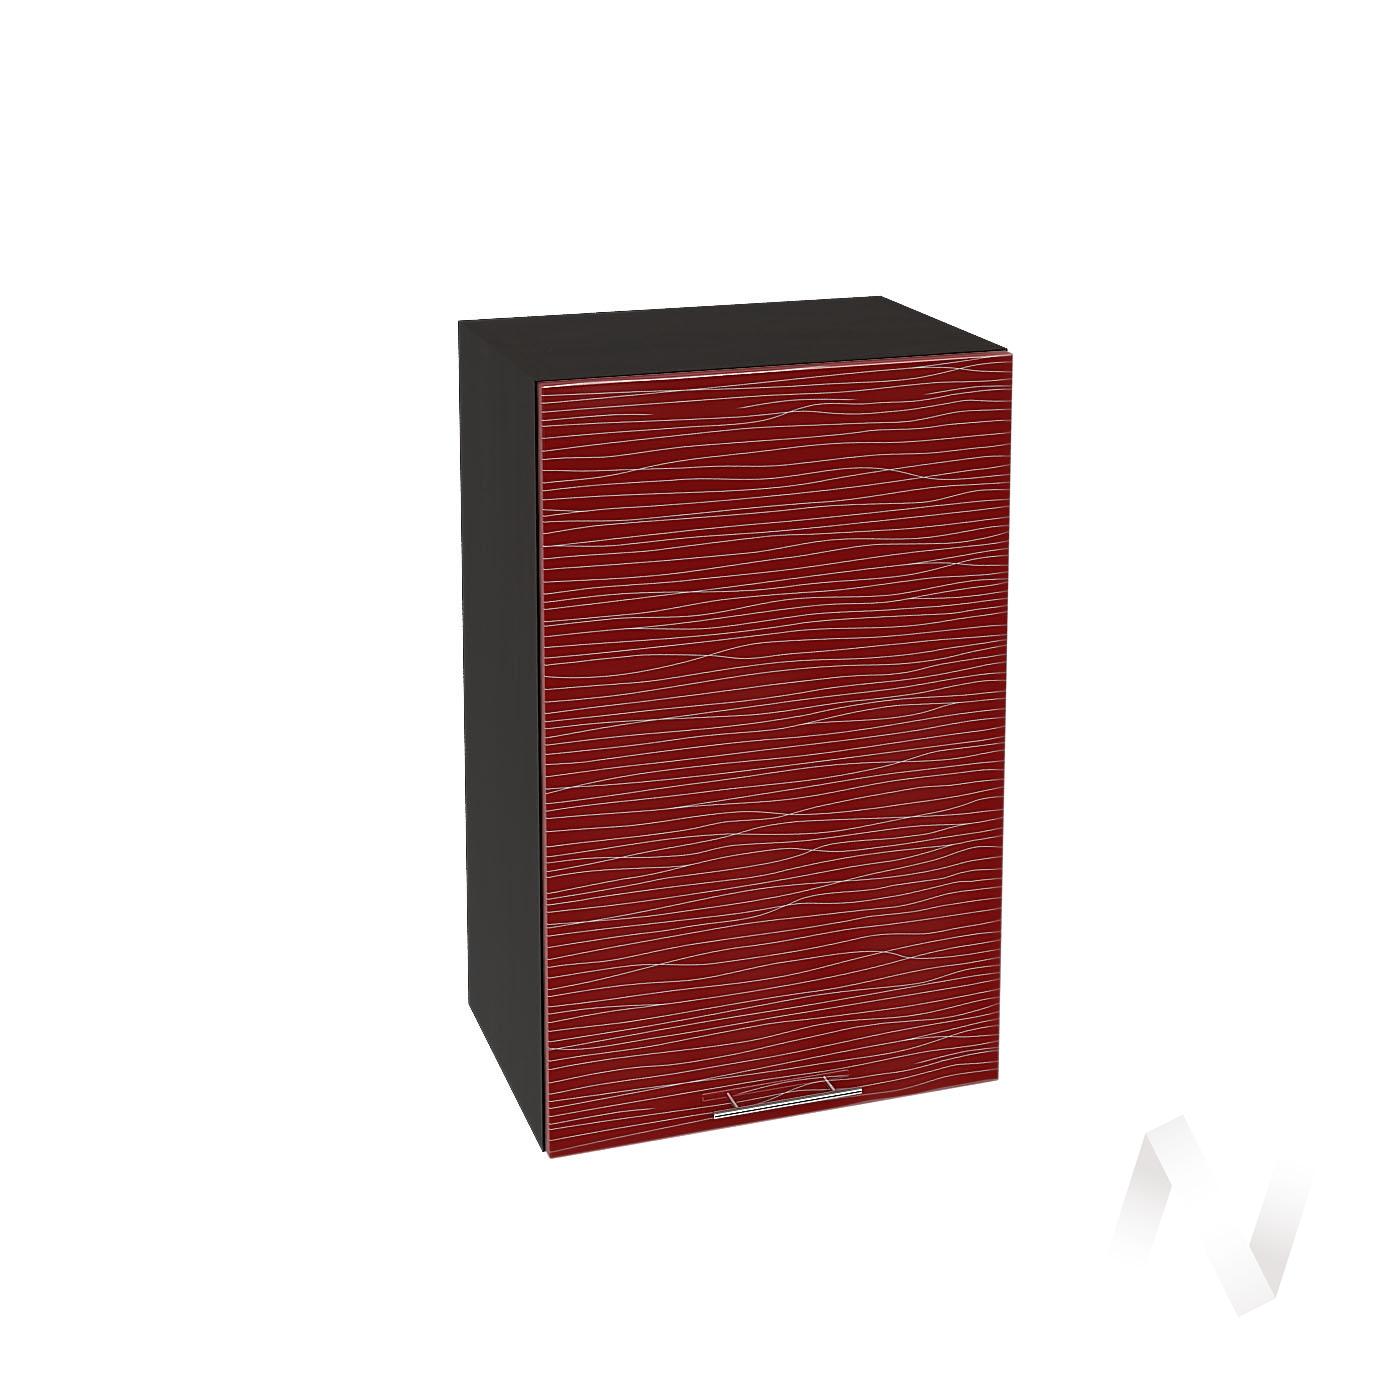 """Кухня """"Валерия-М"""": Шкаф верхний 450, ШВ 450 (Страйп красный/корпус венге)"""